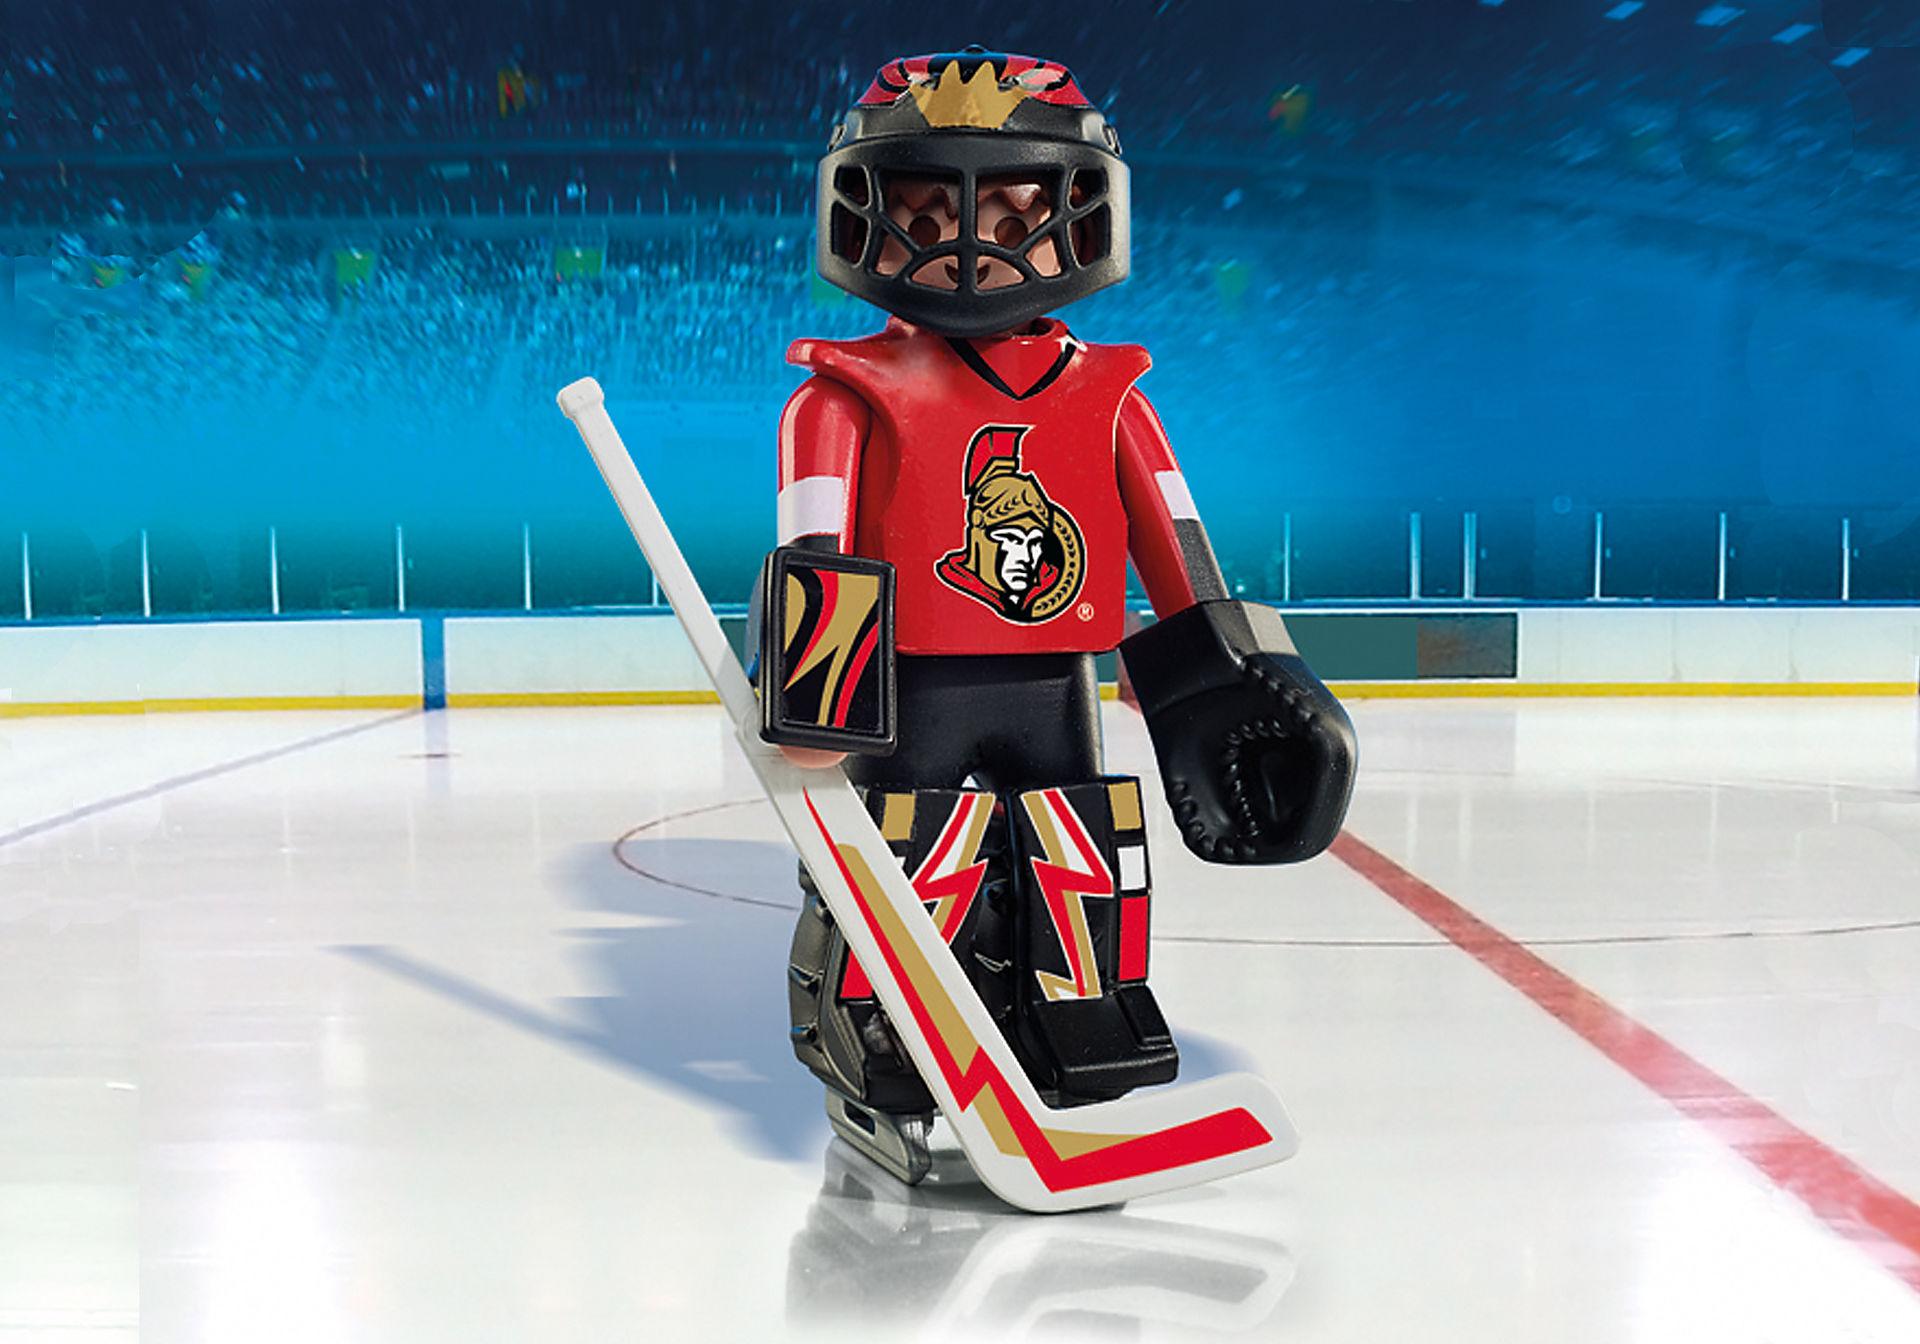 9018 NHL Portero Ottawa Senators zoom image1